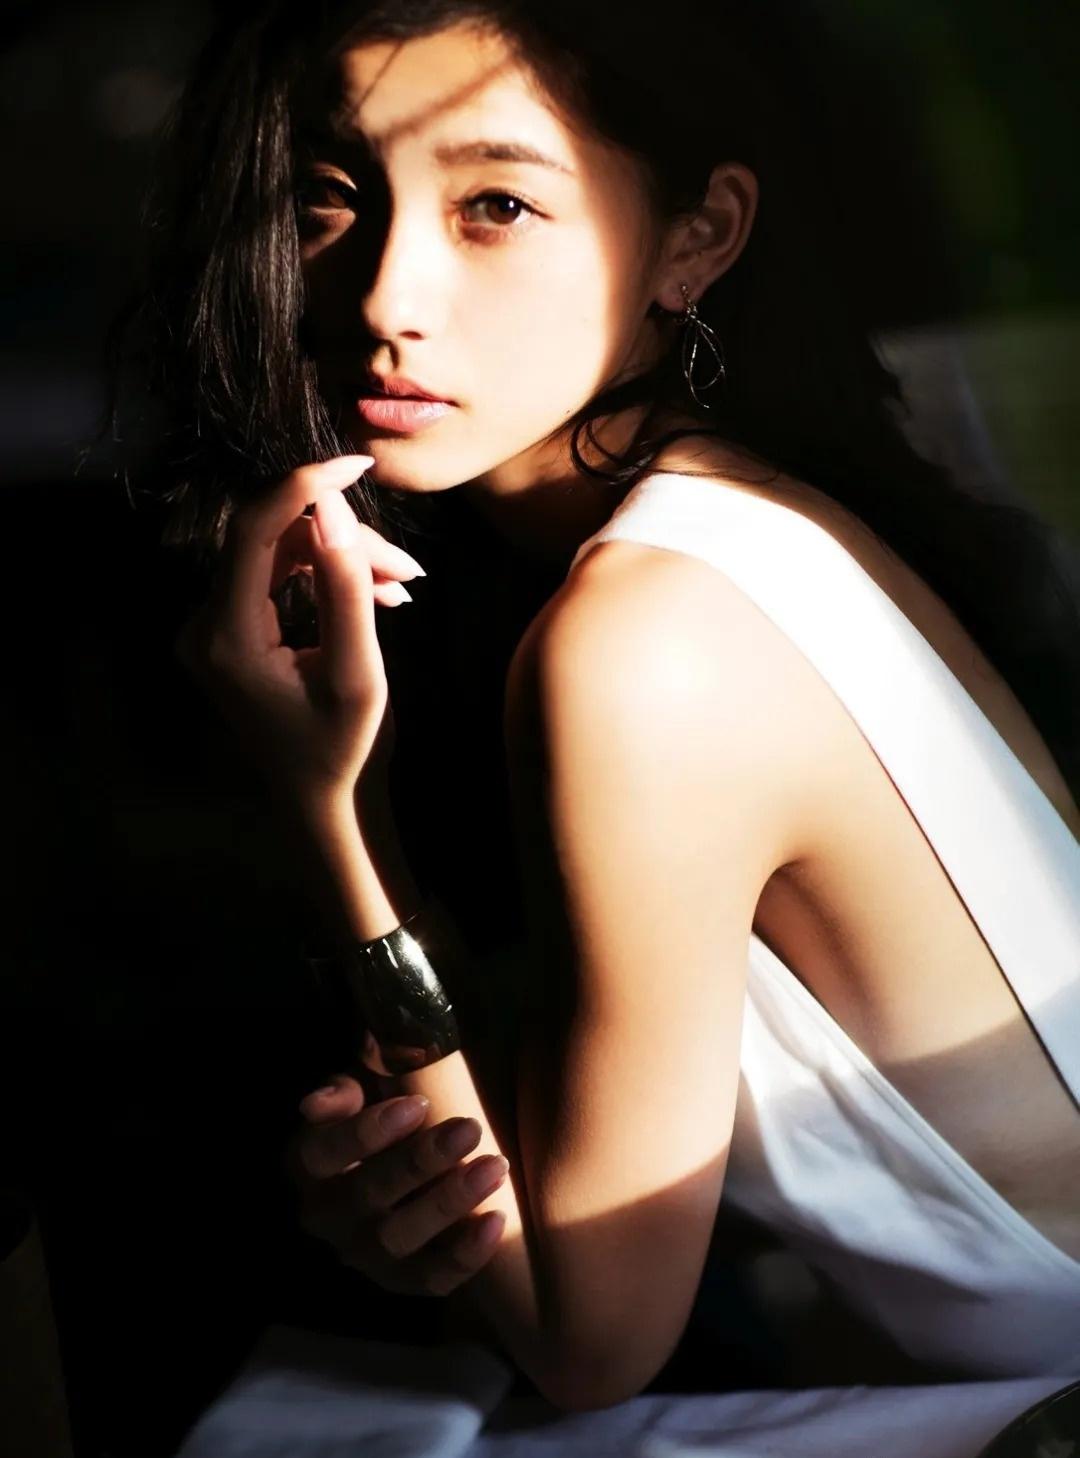 完美九头身人气超模朝比奈彩写真作品 (78)